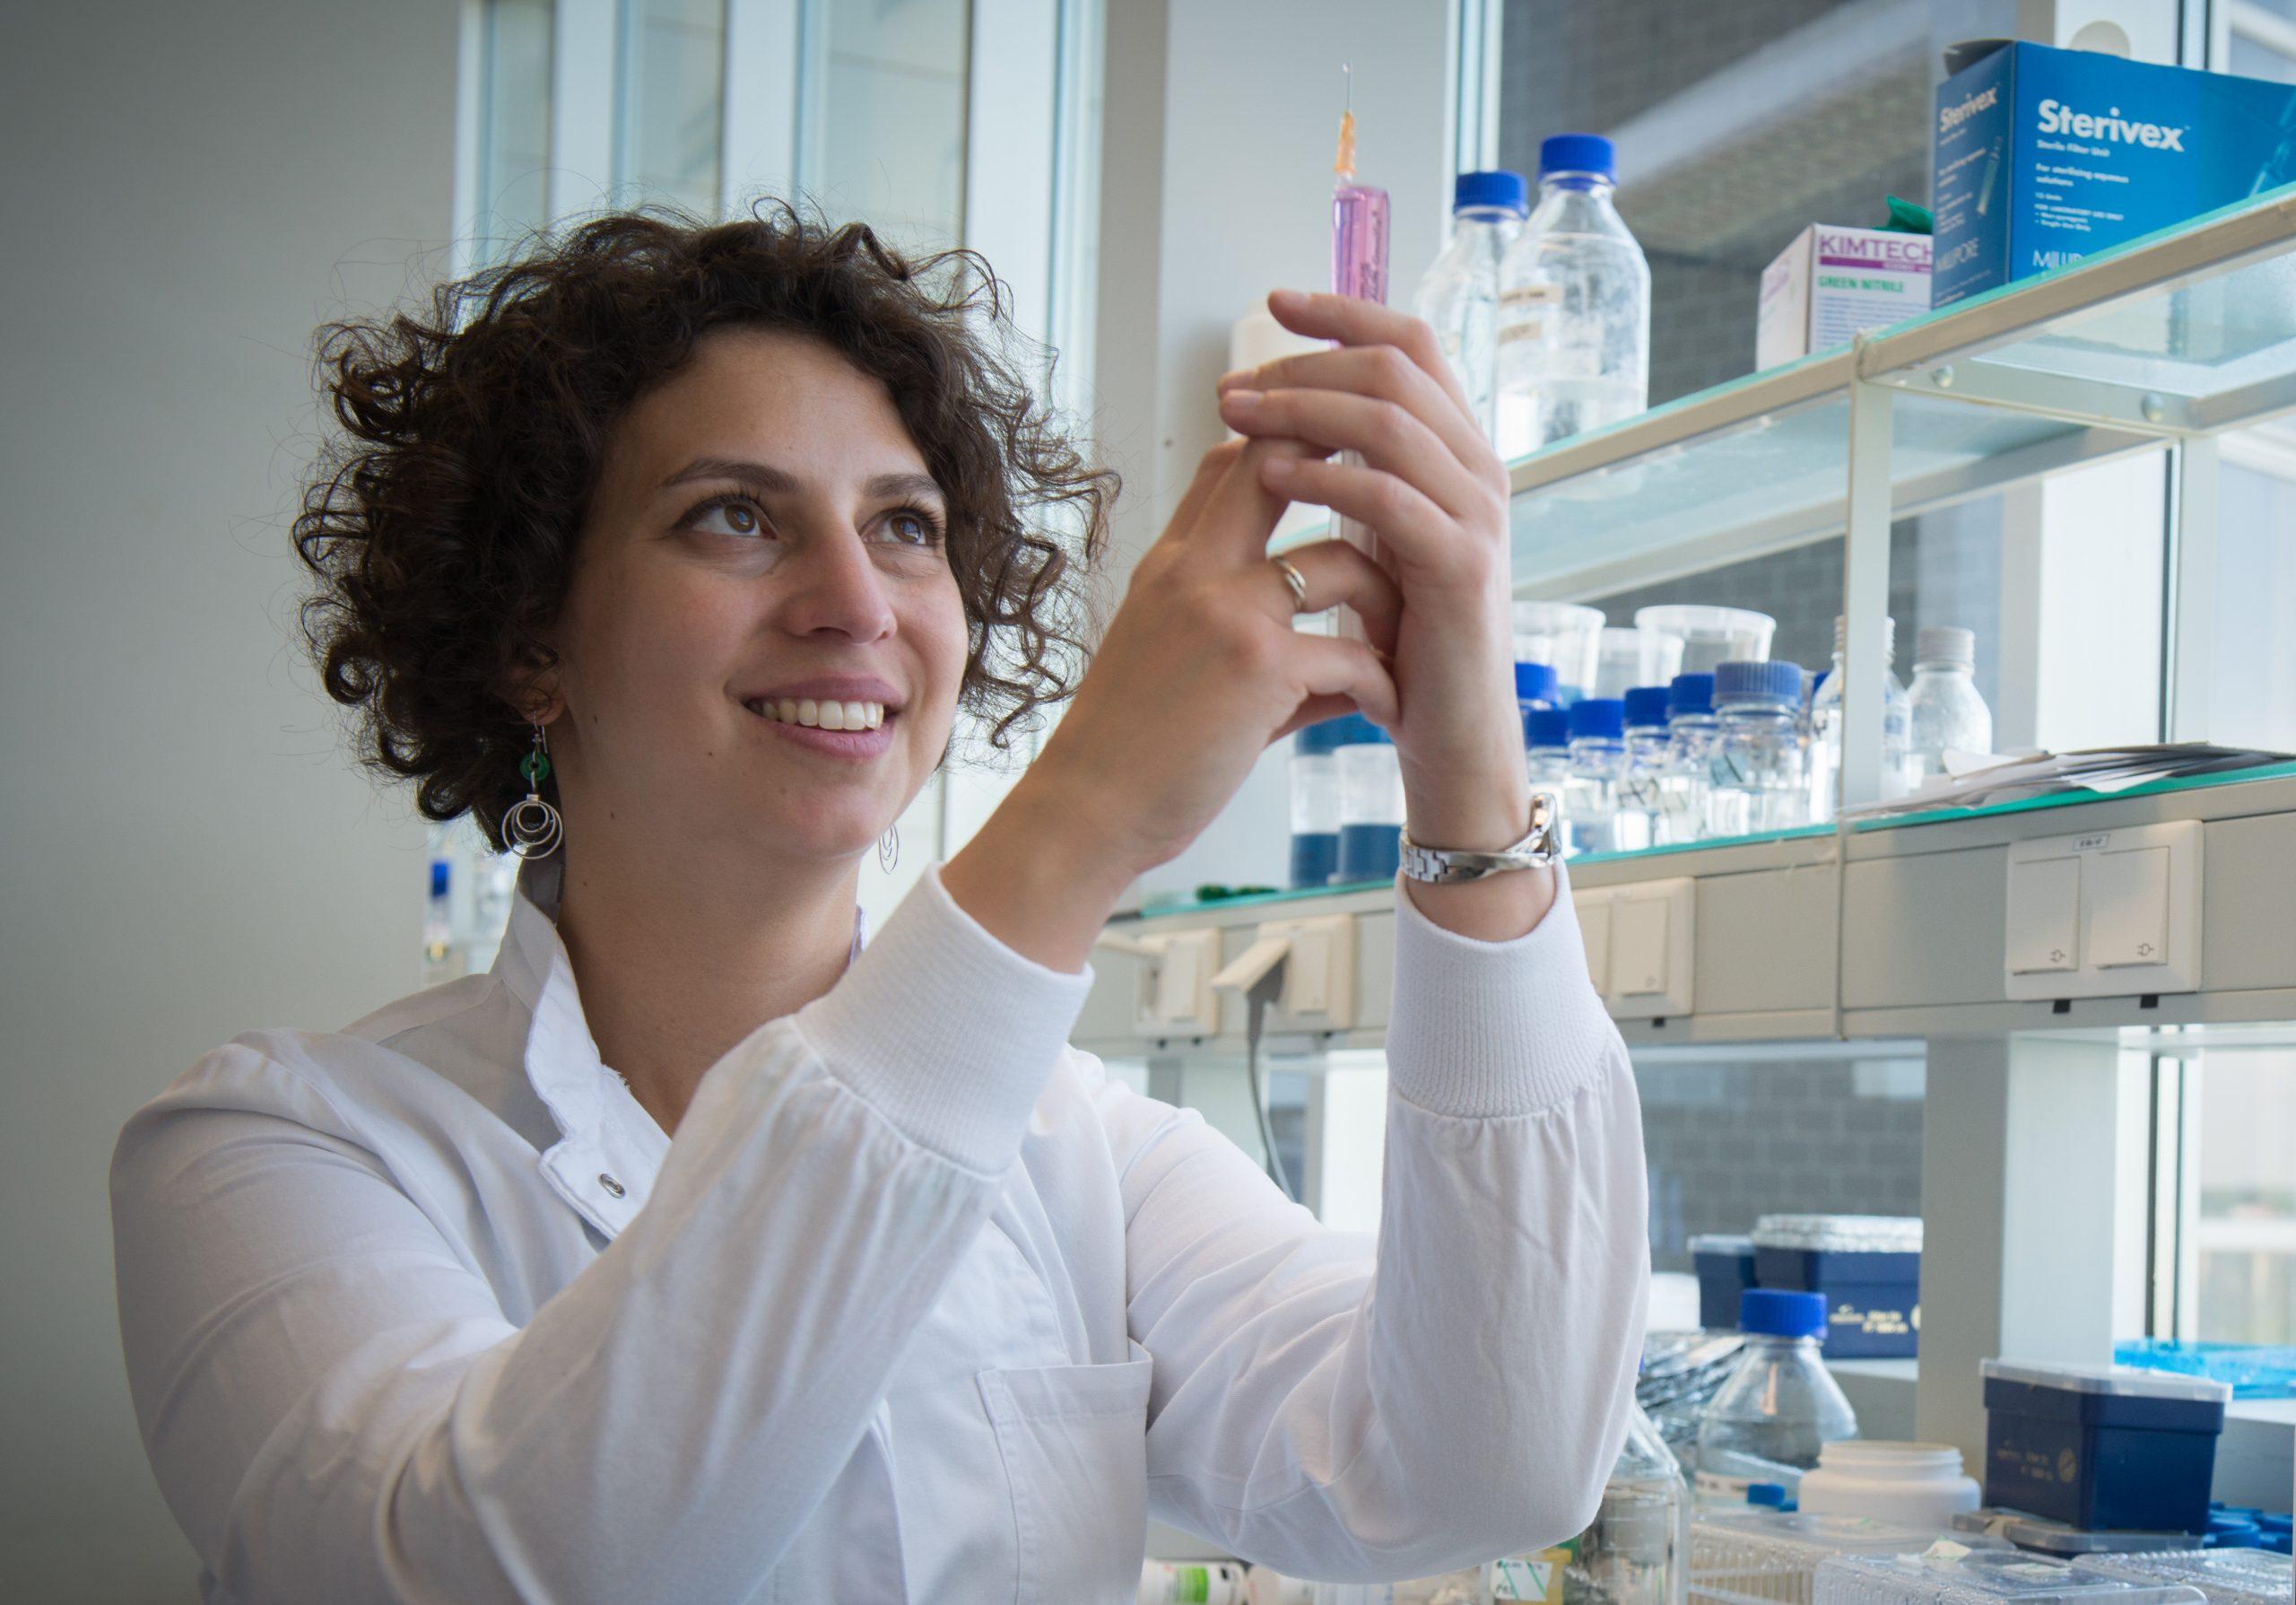 Evolueert kanker van een levensbedreigende ziekte naar een chronische ziekte?